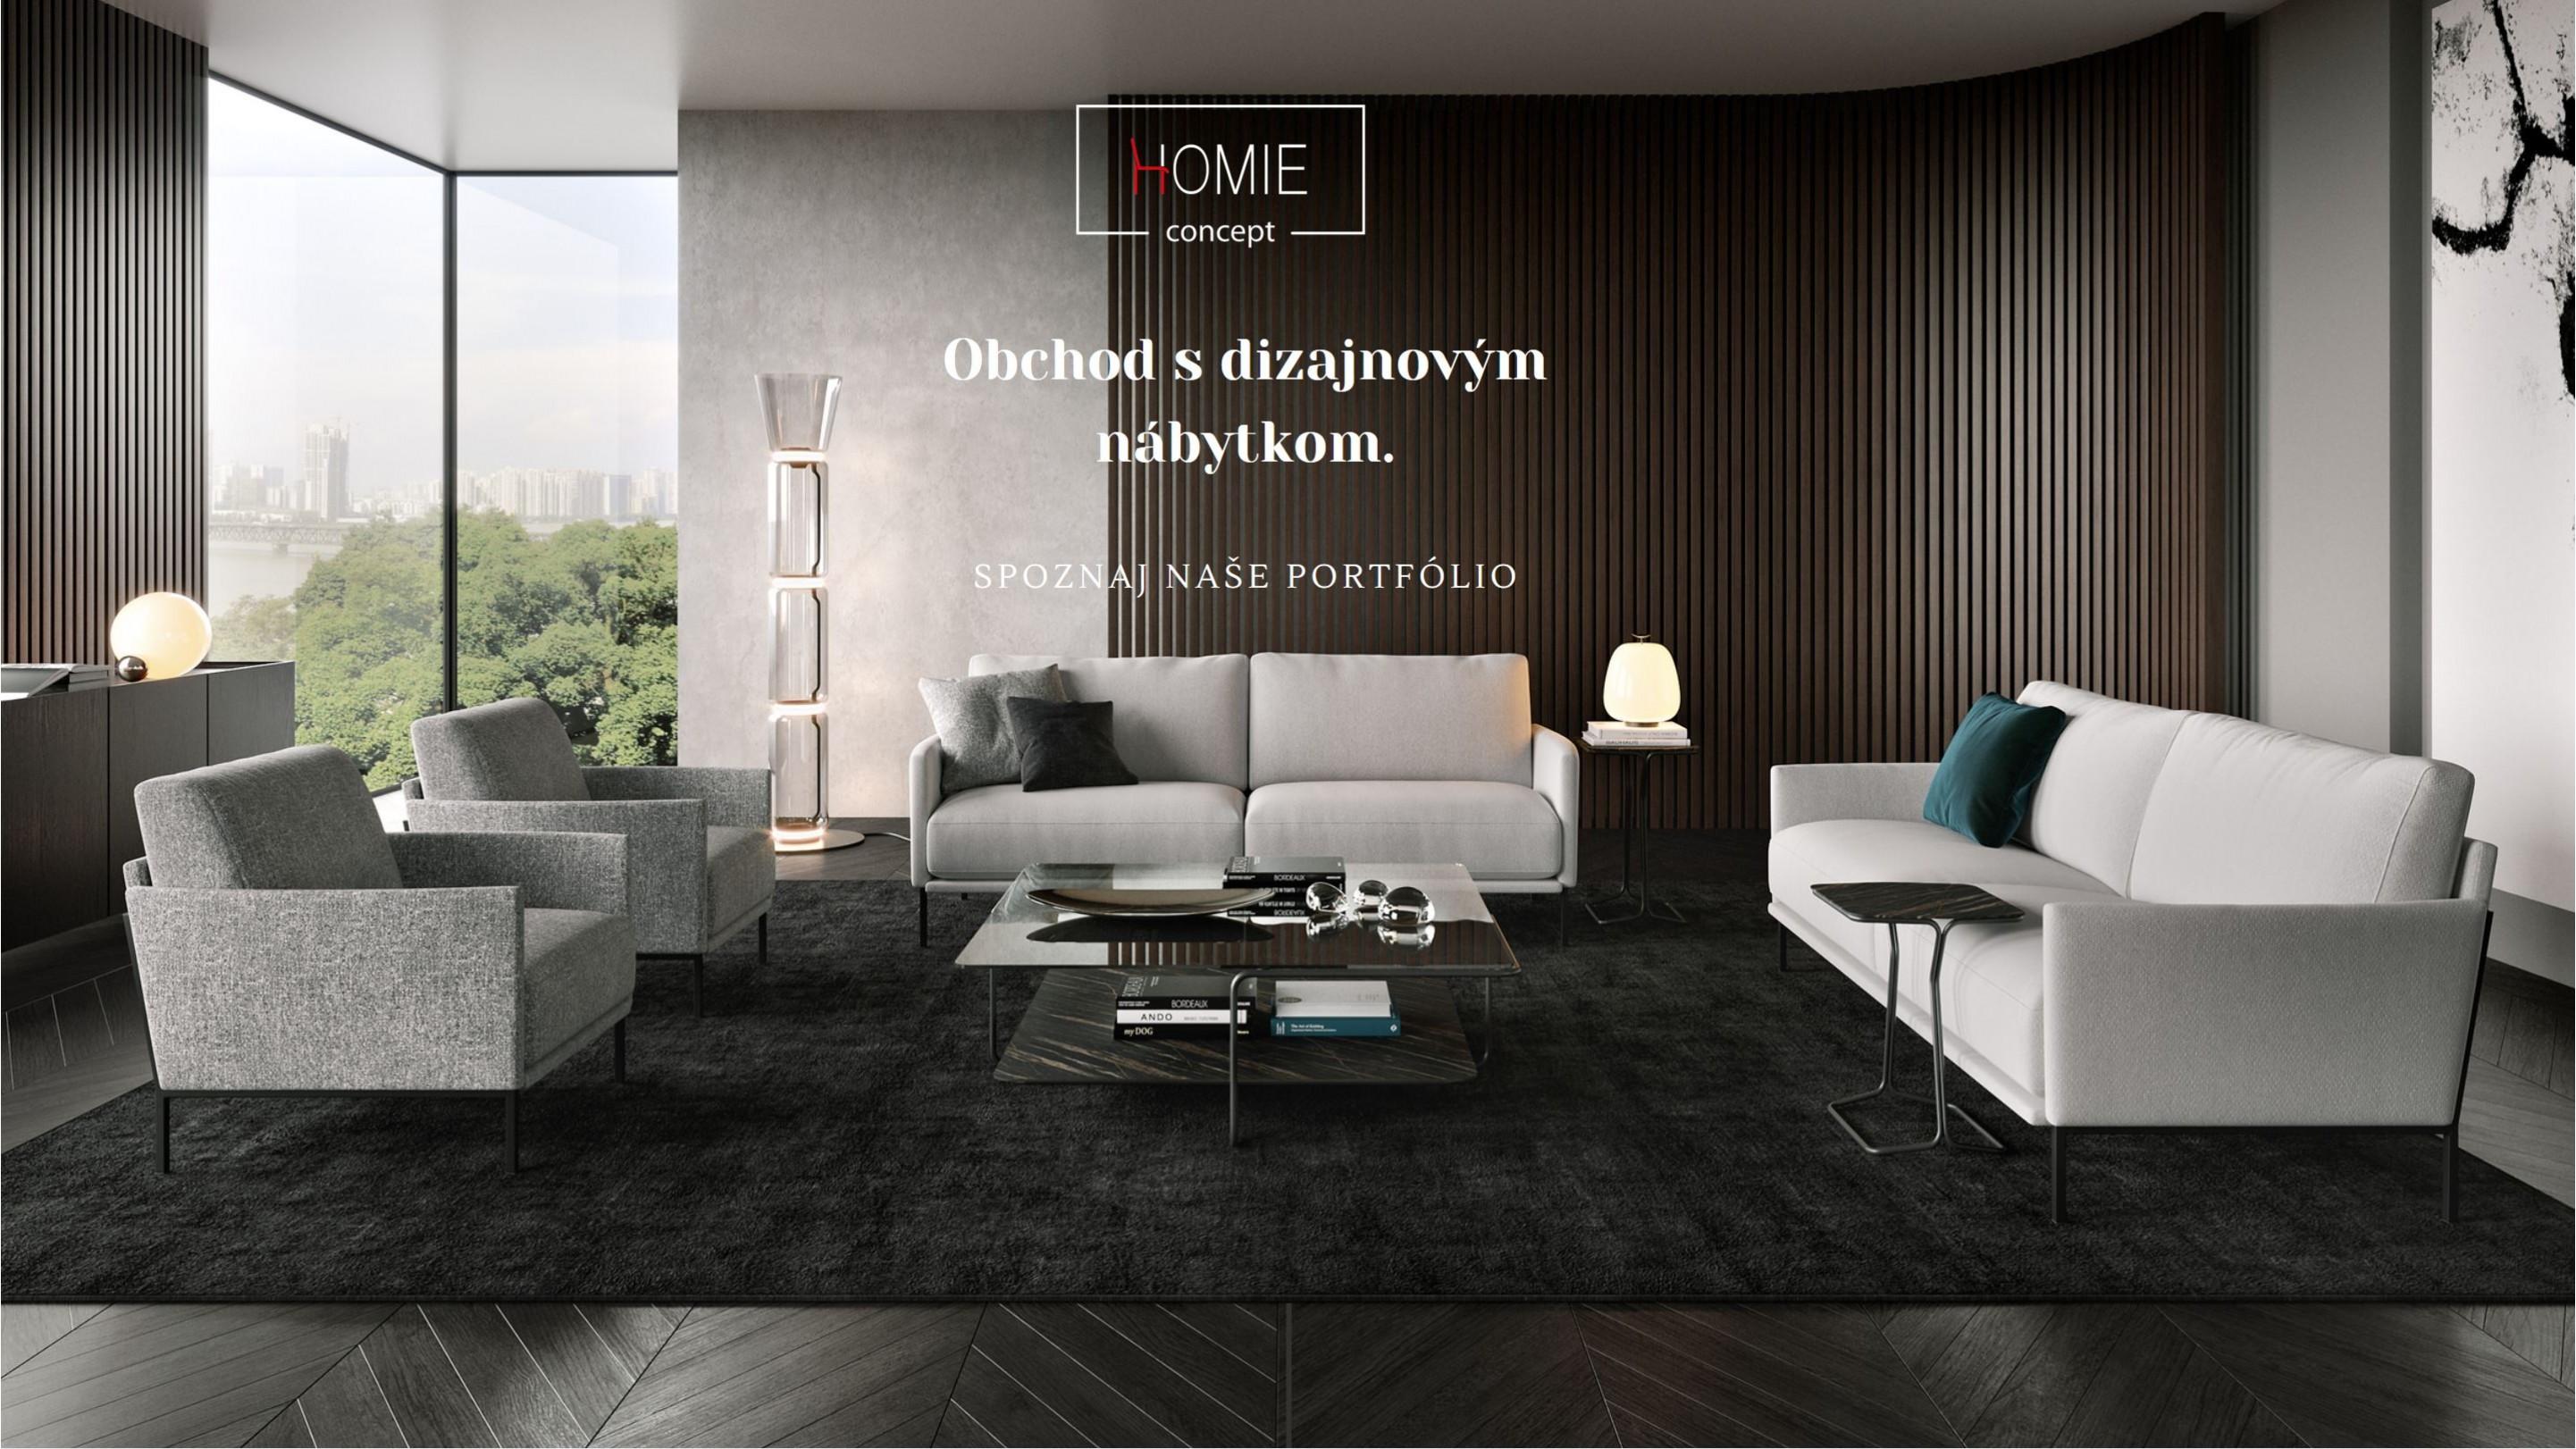 Obchod s dizajnovým nábytkom